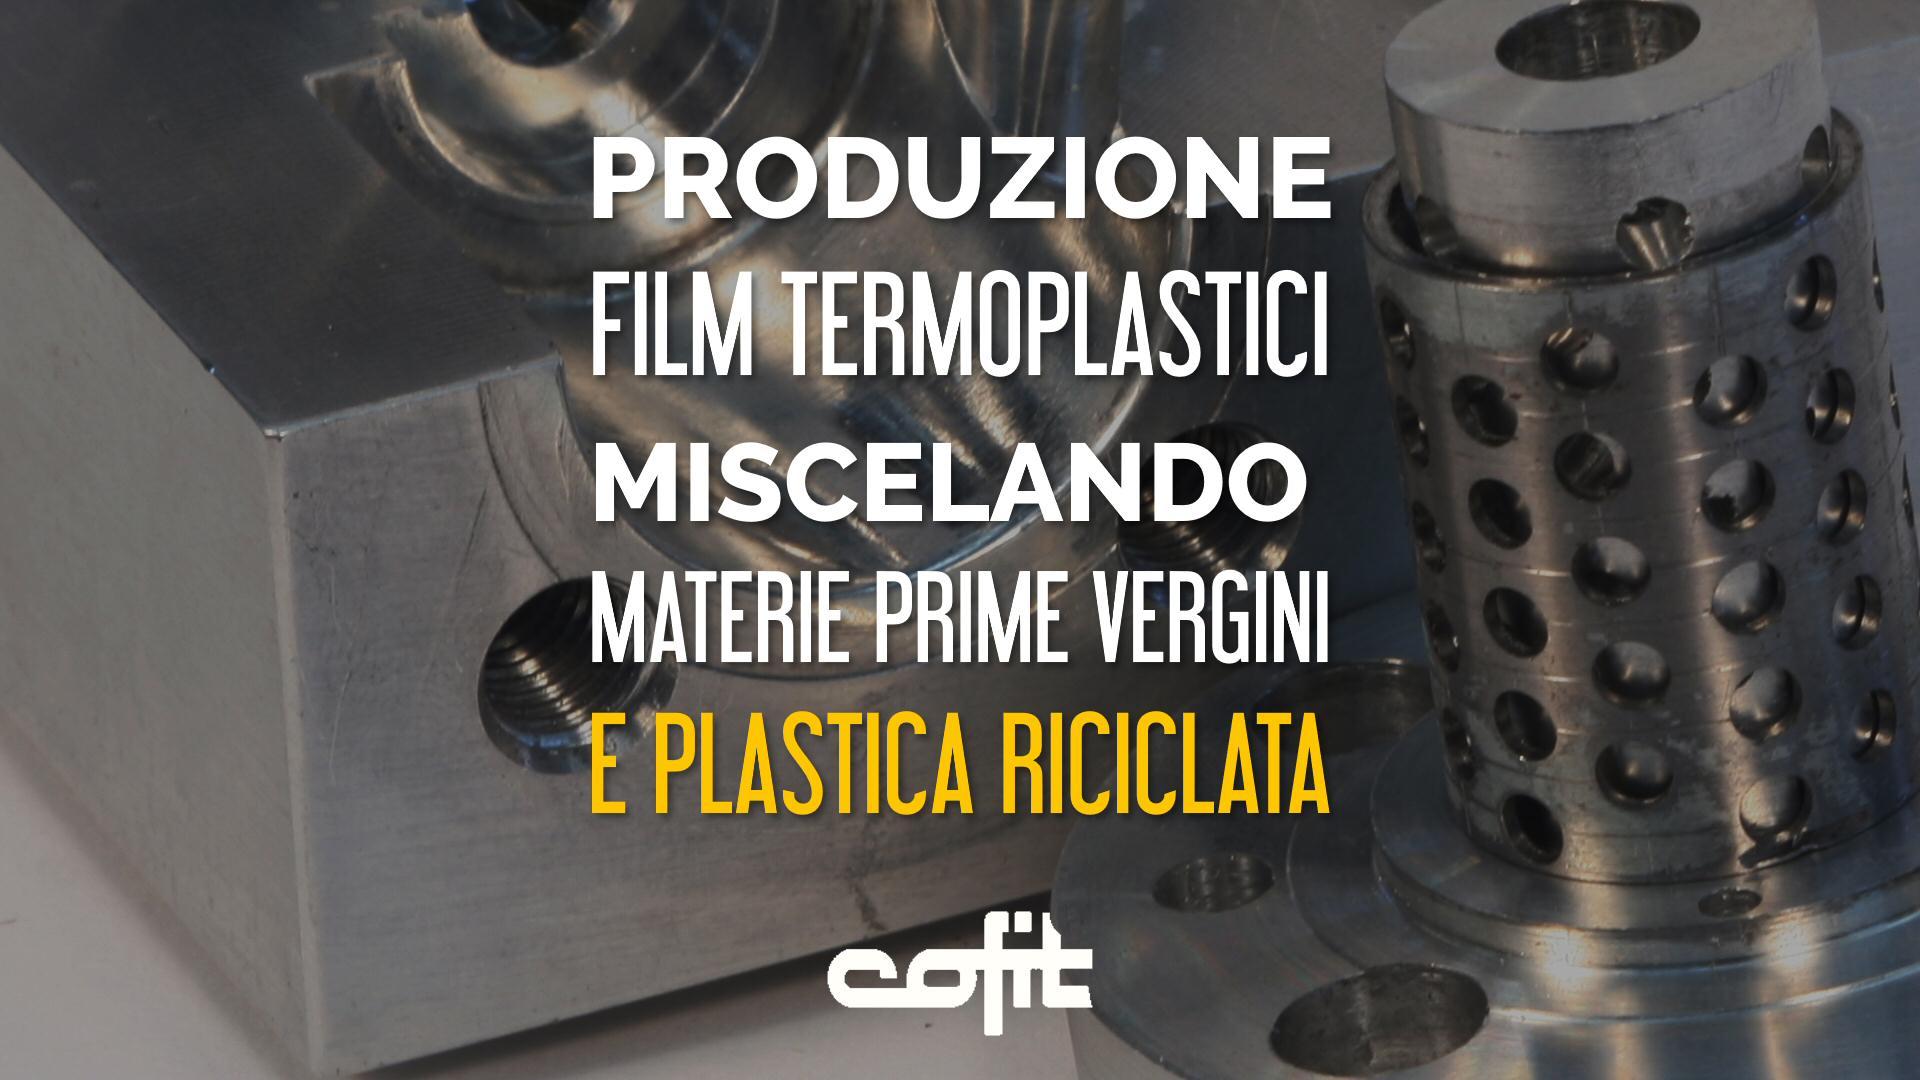 Cambiafiltri per film con materie prime vergini e riciclate